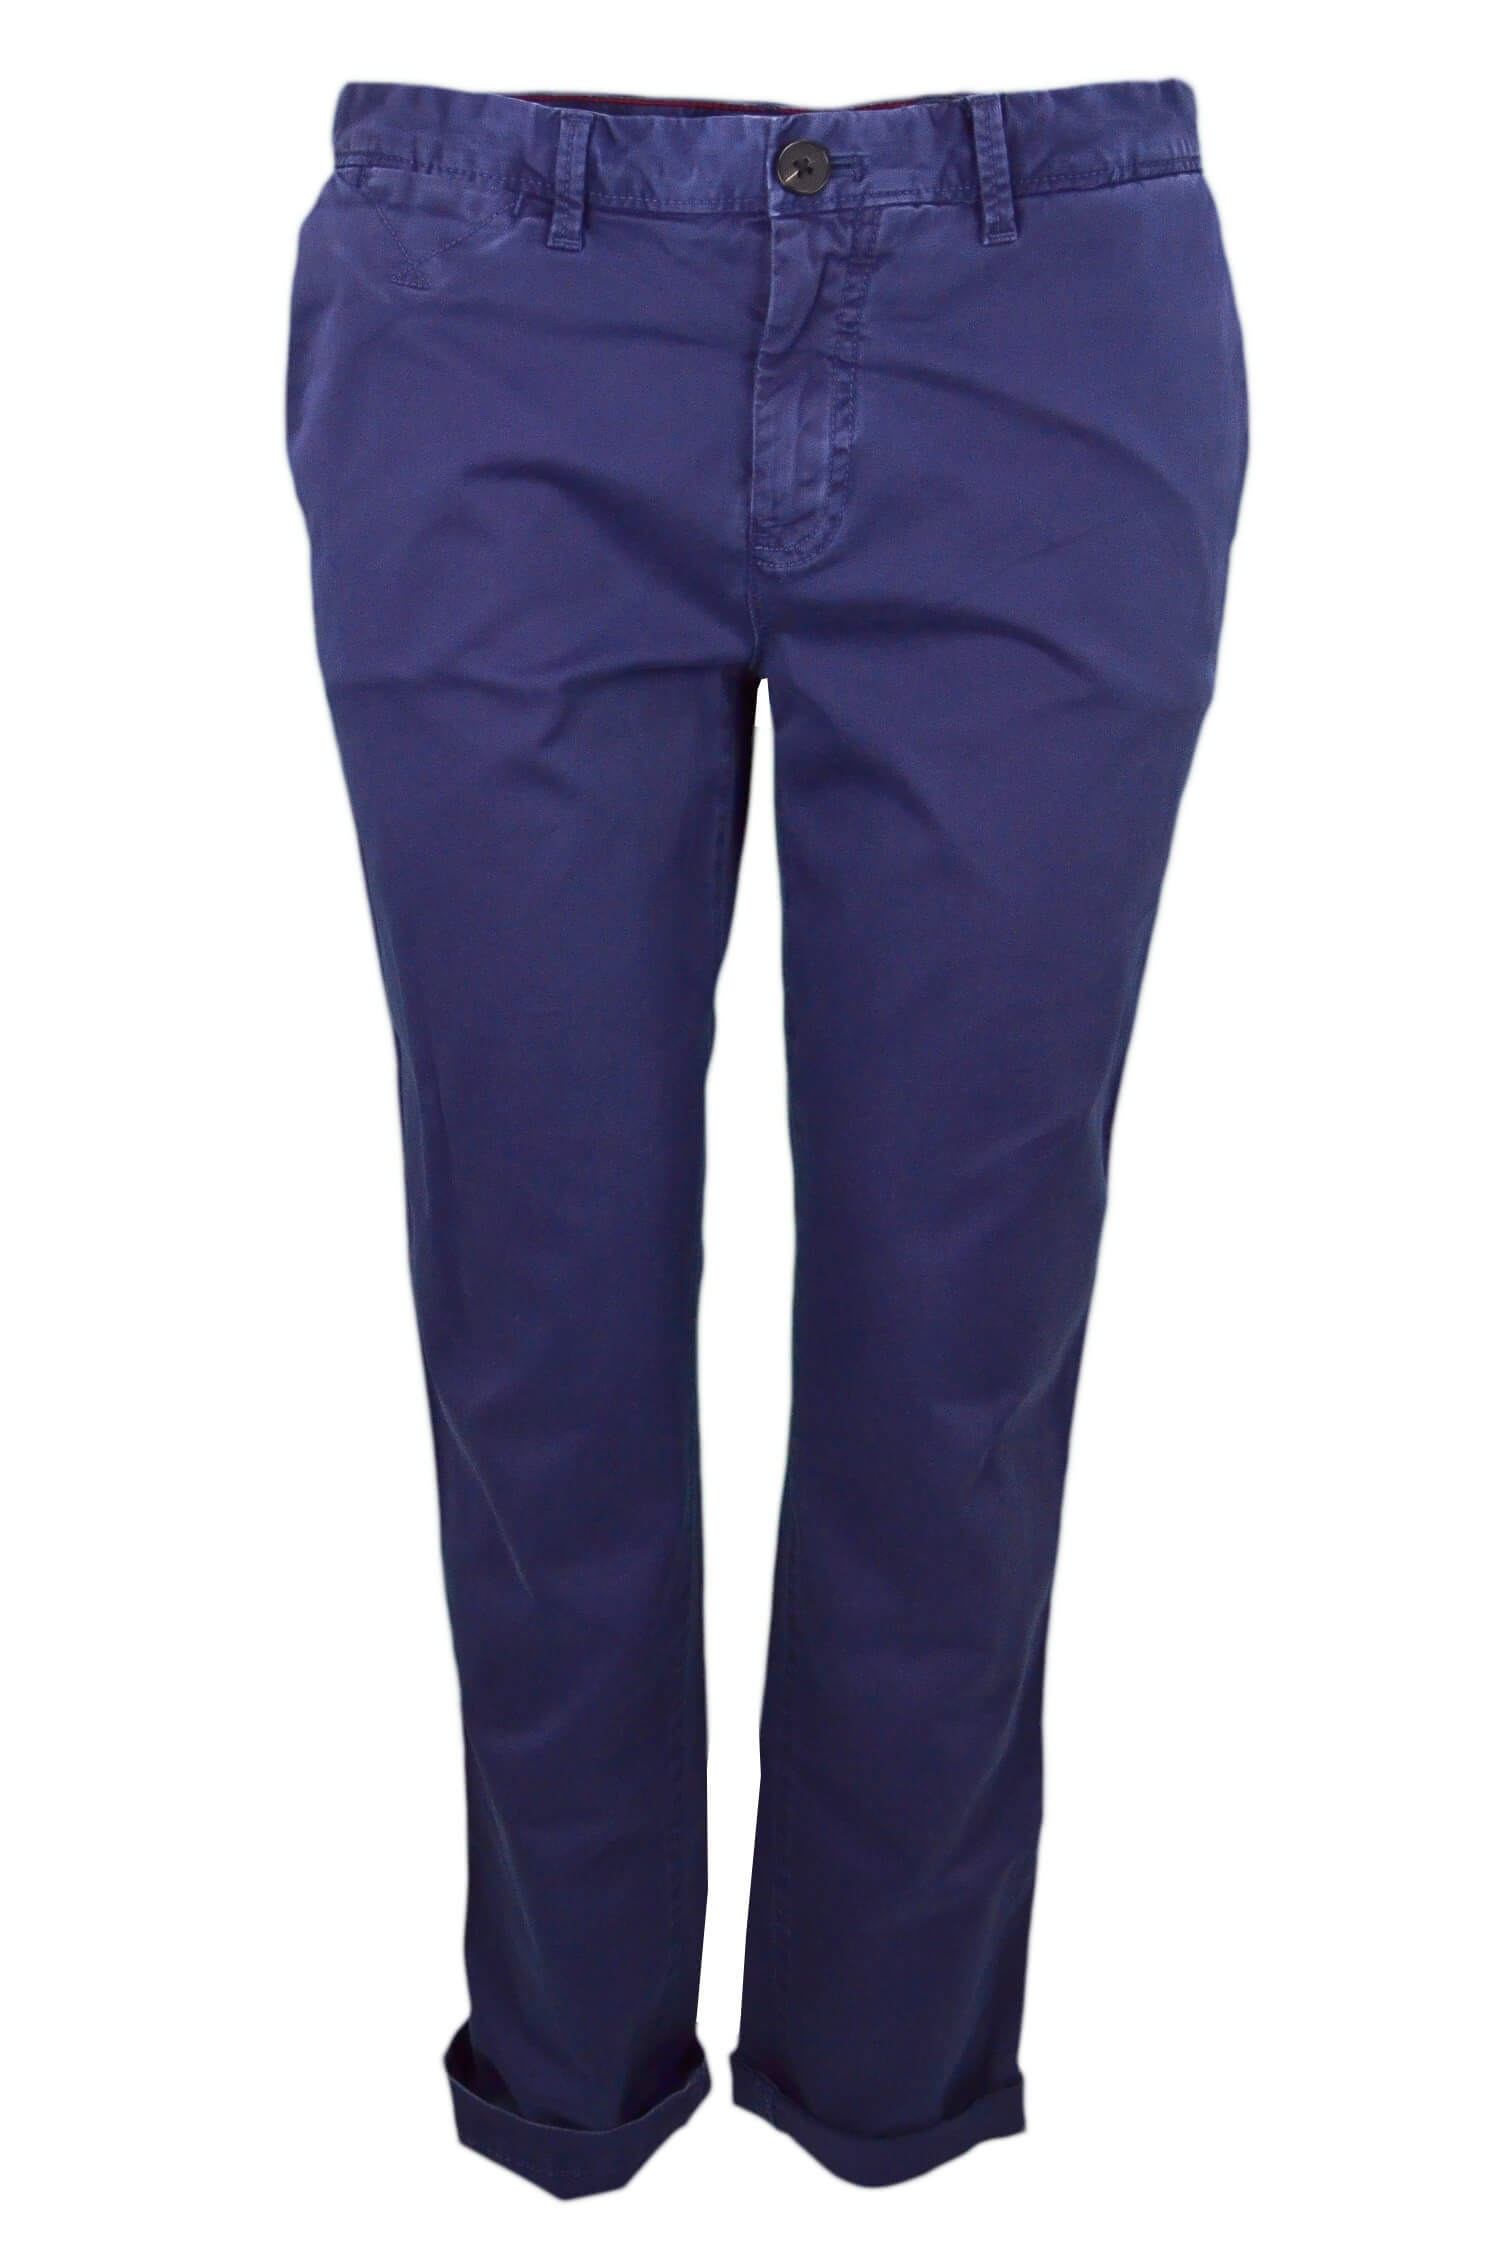 715b08915 Pantalon chino Tommy Hilfiger Janet bleu marine pour femme - Toujou...